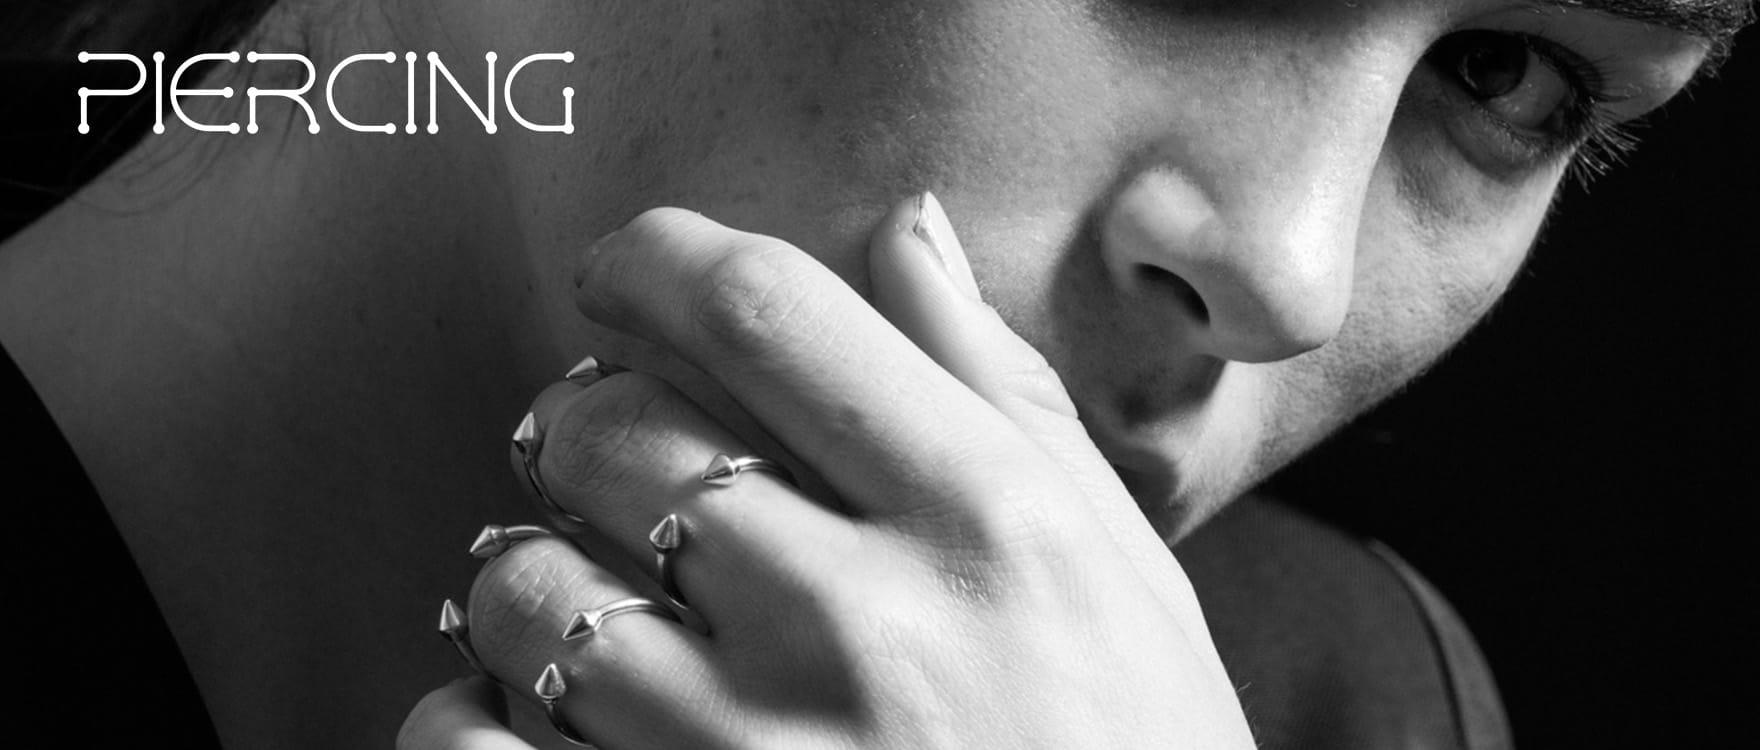 piercing_head_d